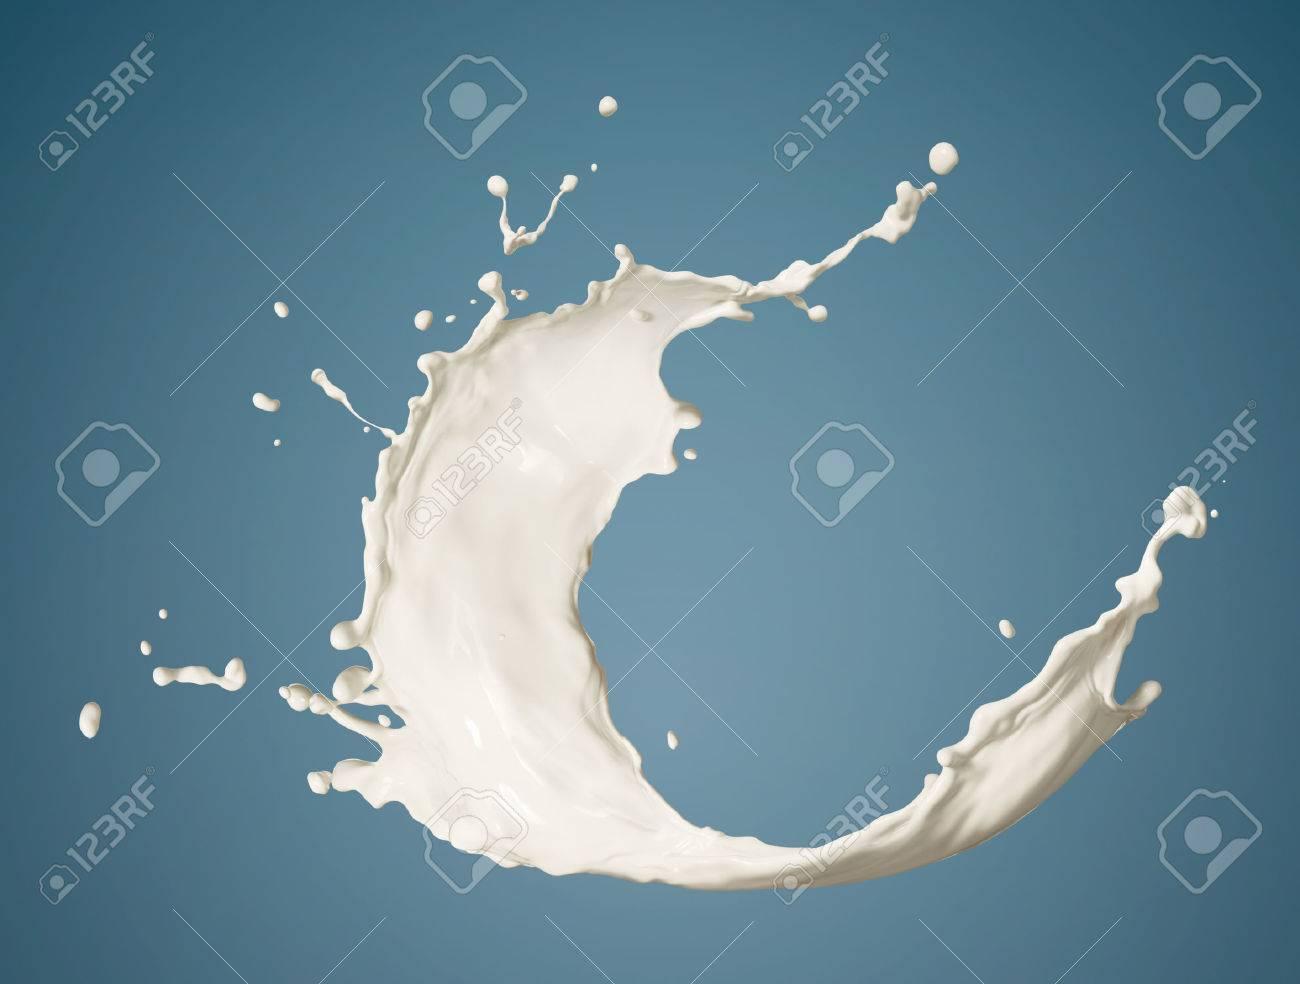 fresh milk splashing isolated on blue background - 36570243